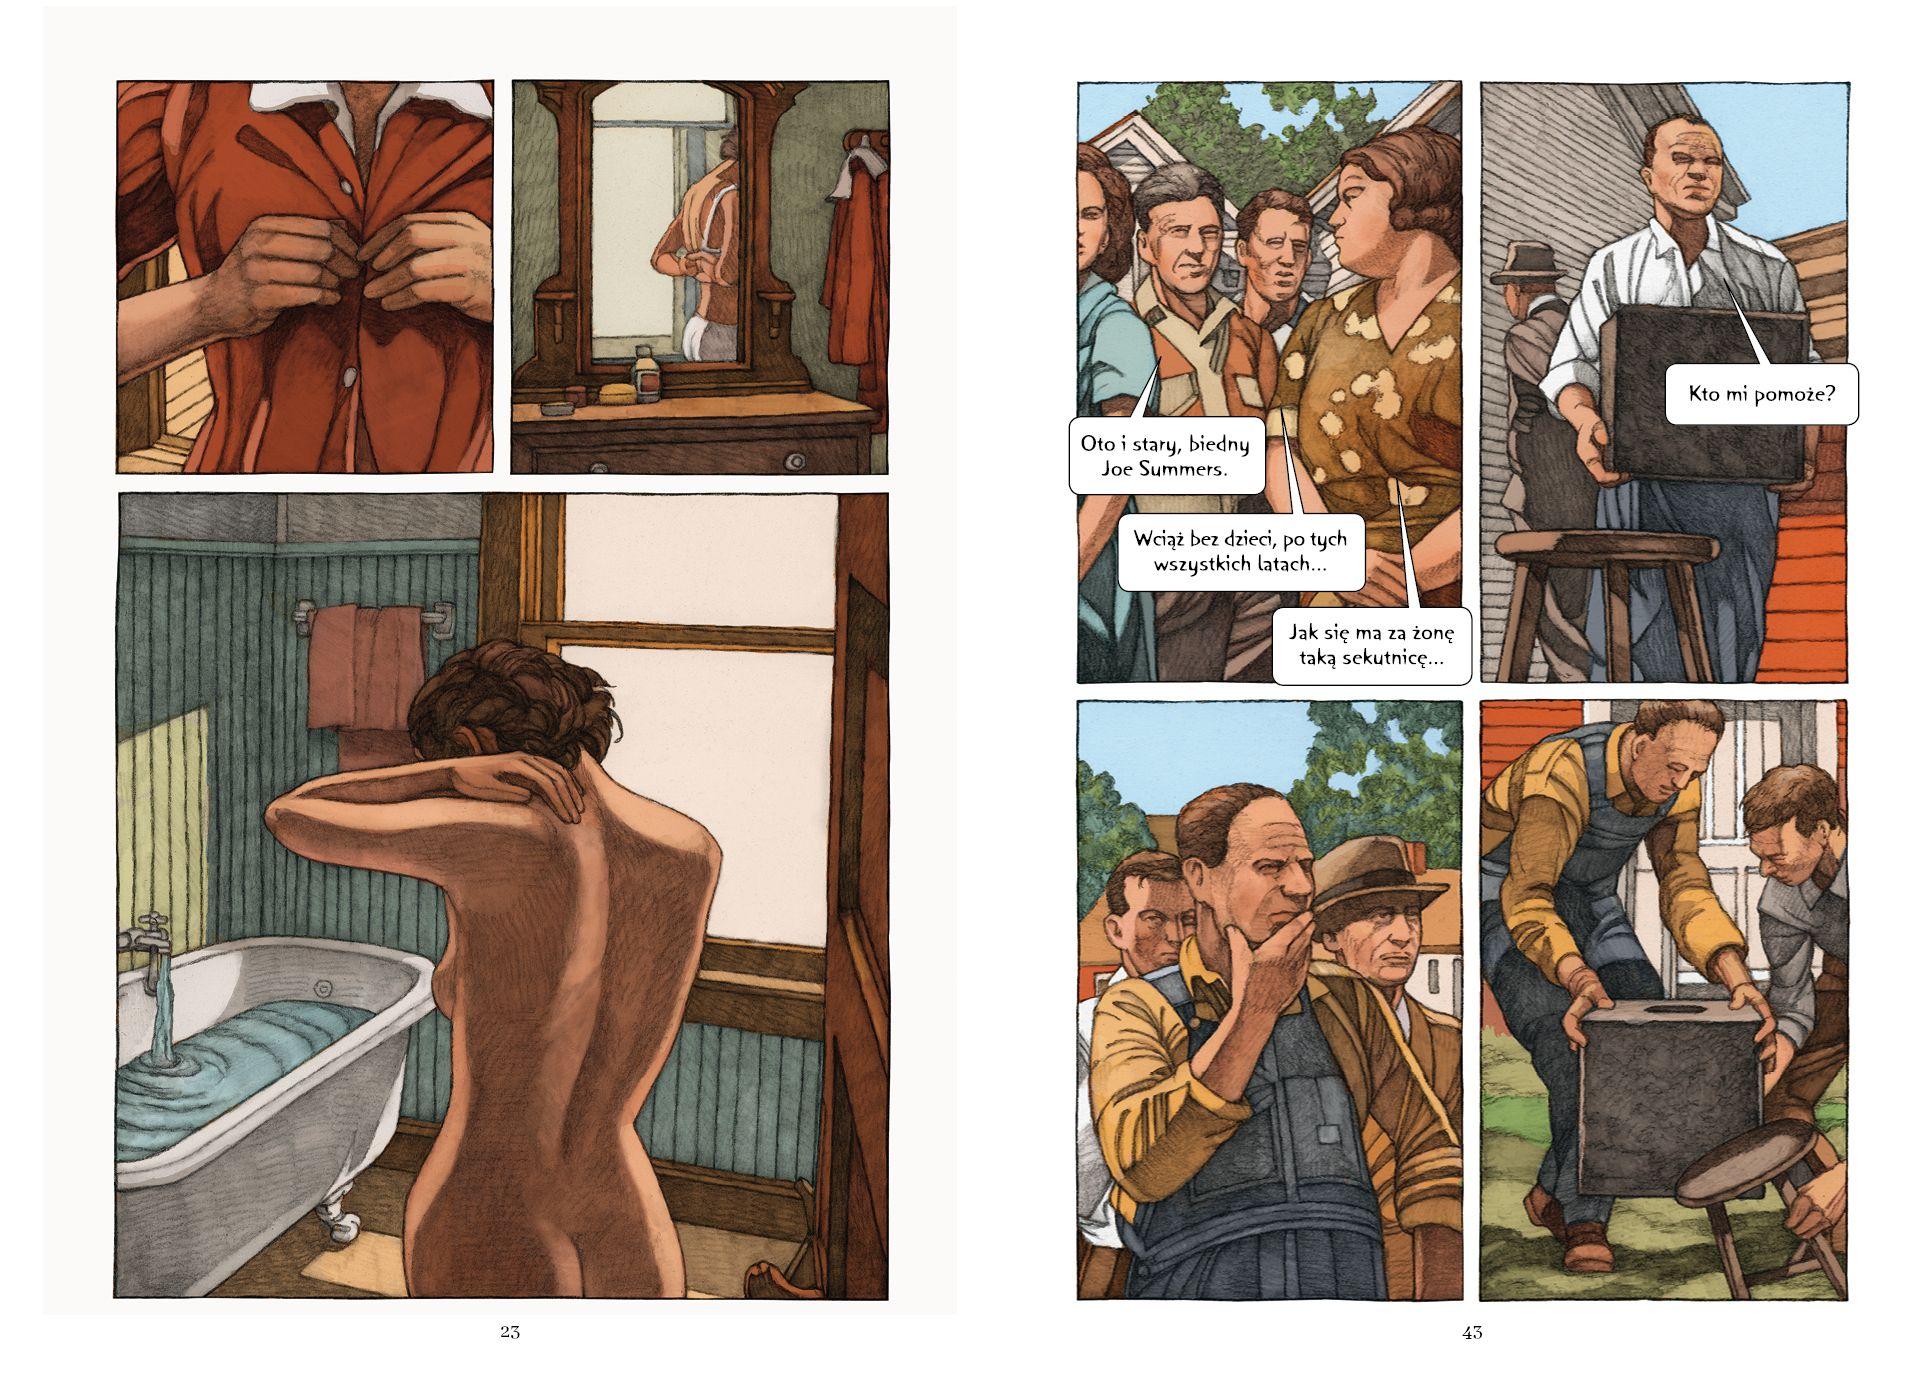 Kadry z 'Loterii' Milesa Hymana na podstawie opowiadania Shirley Jackson / Fot. materiały wydawnictwa Marginesa